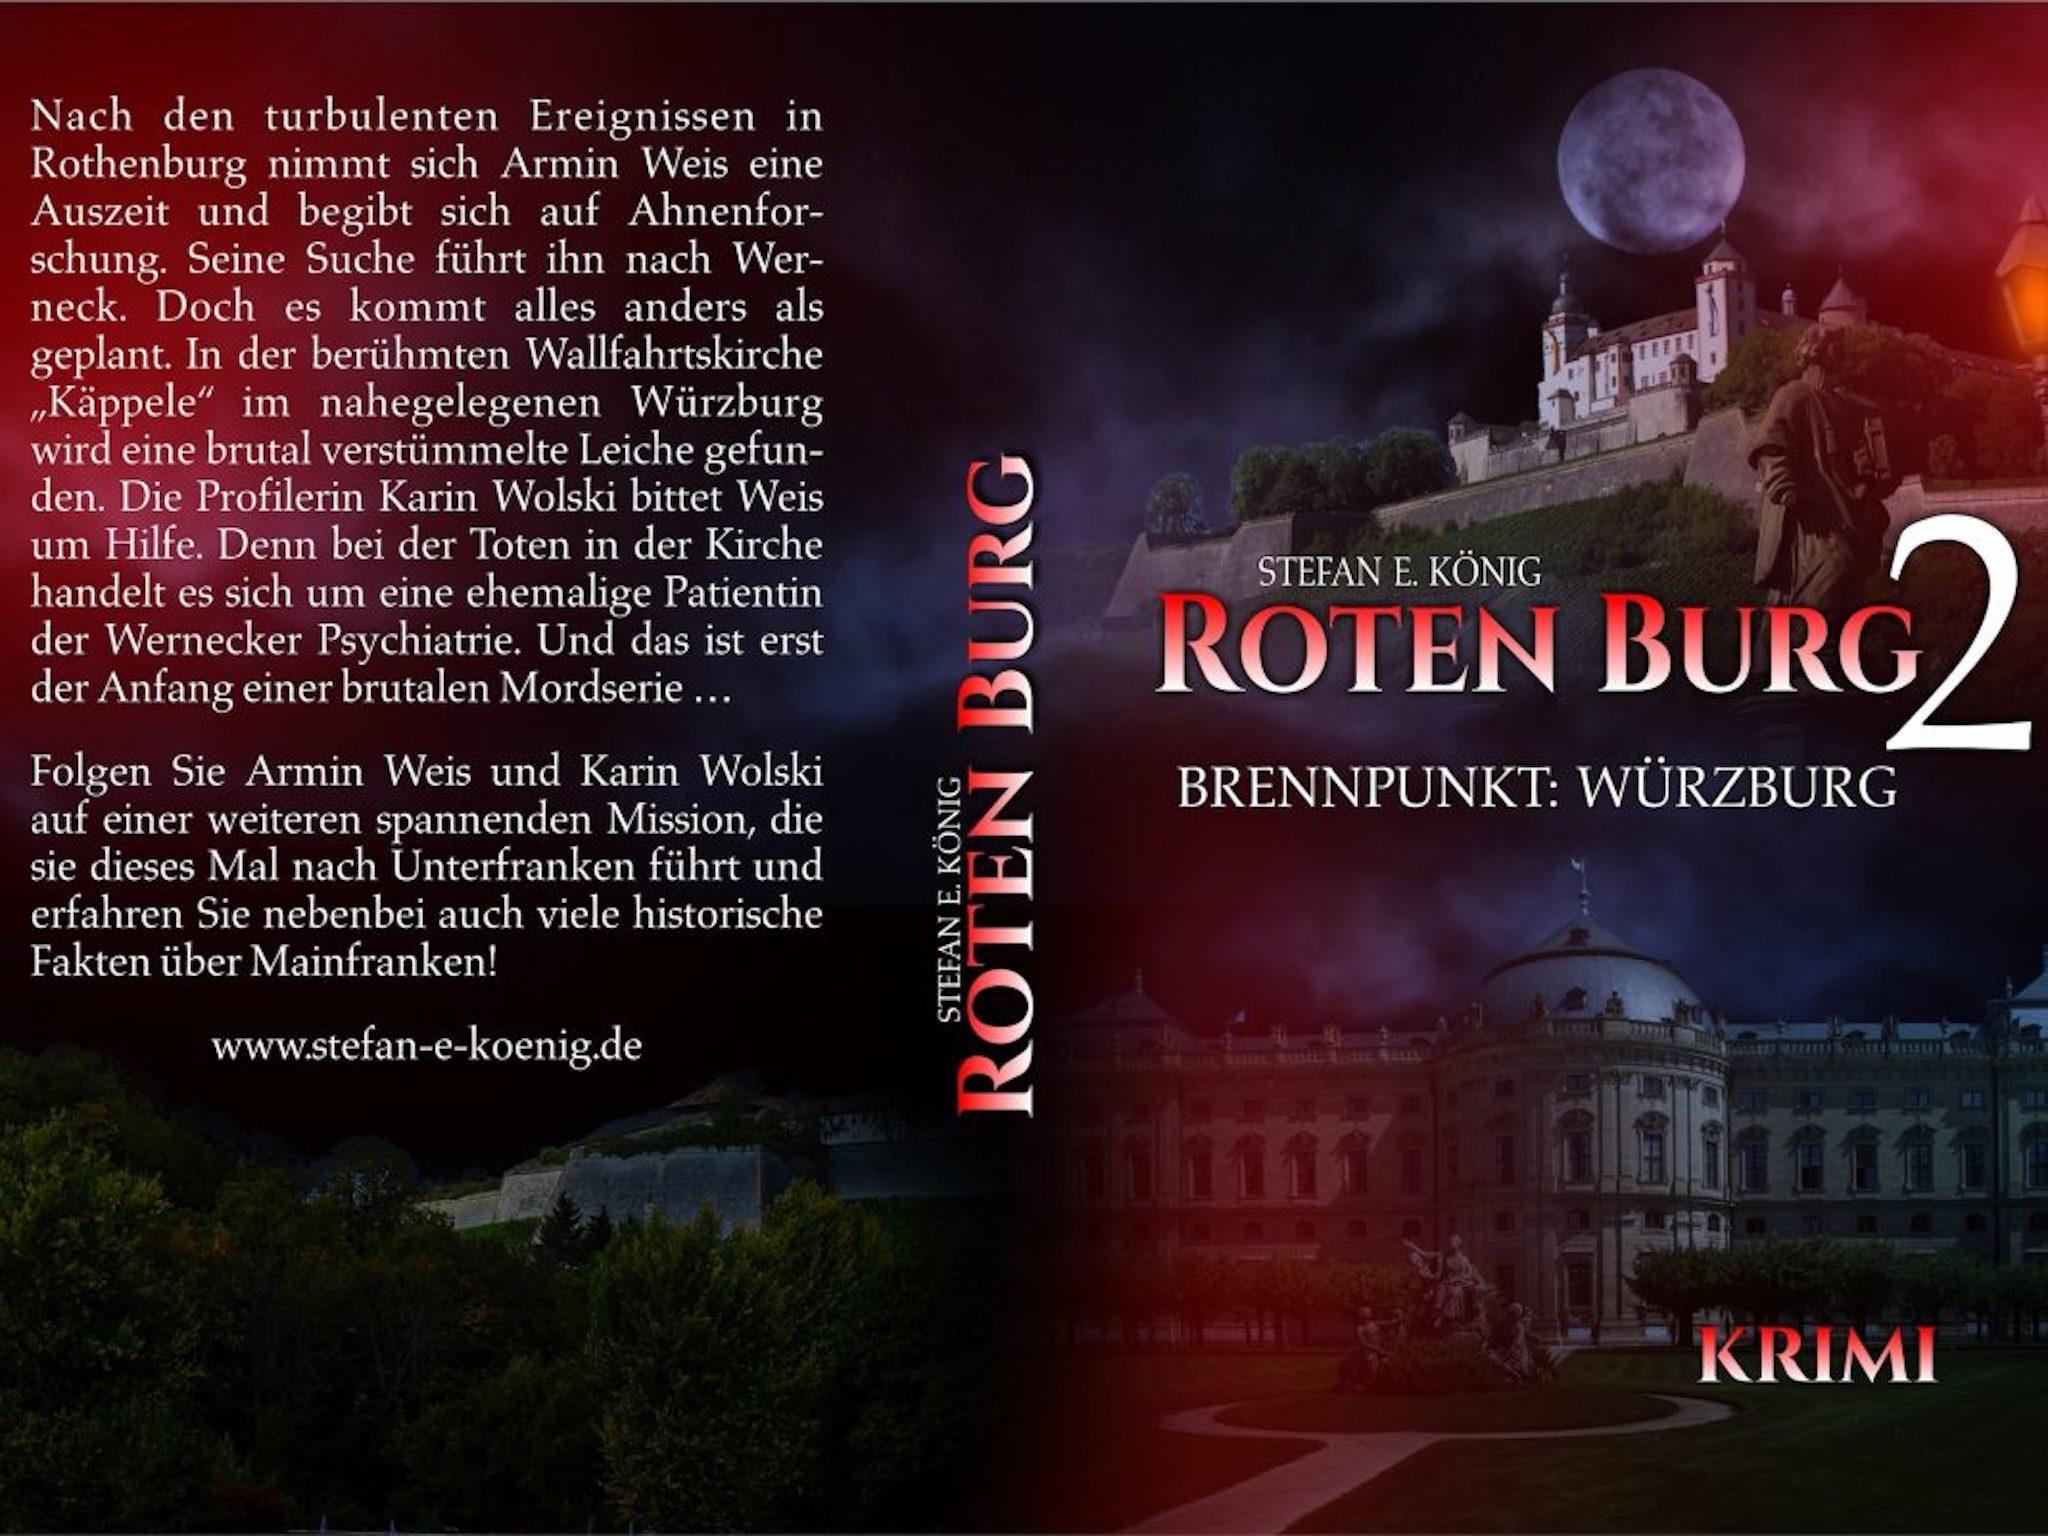 Das Cover zur Roten Burg-Fortsetzung. Foto: Stefan König